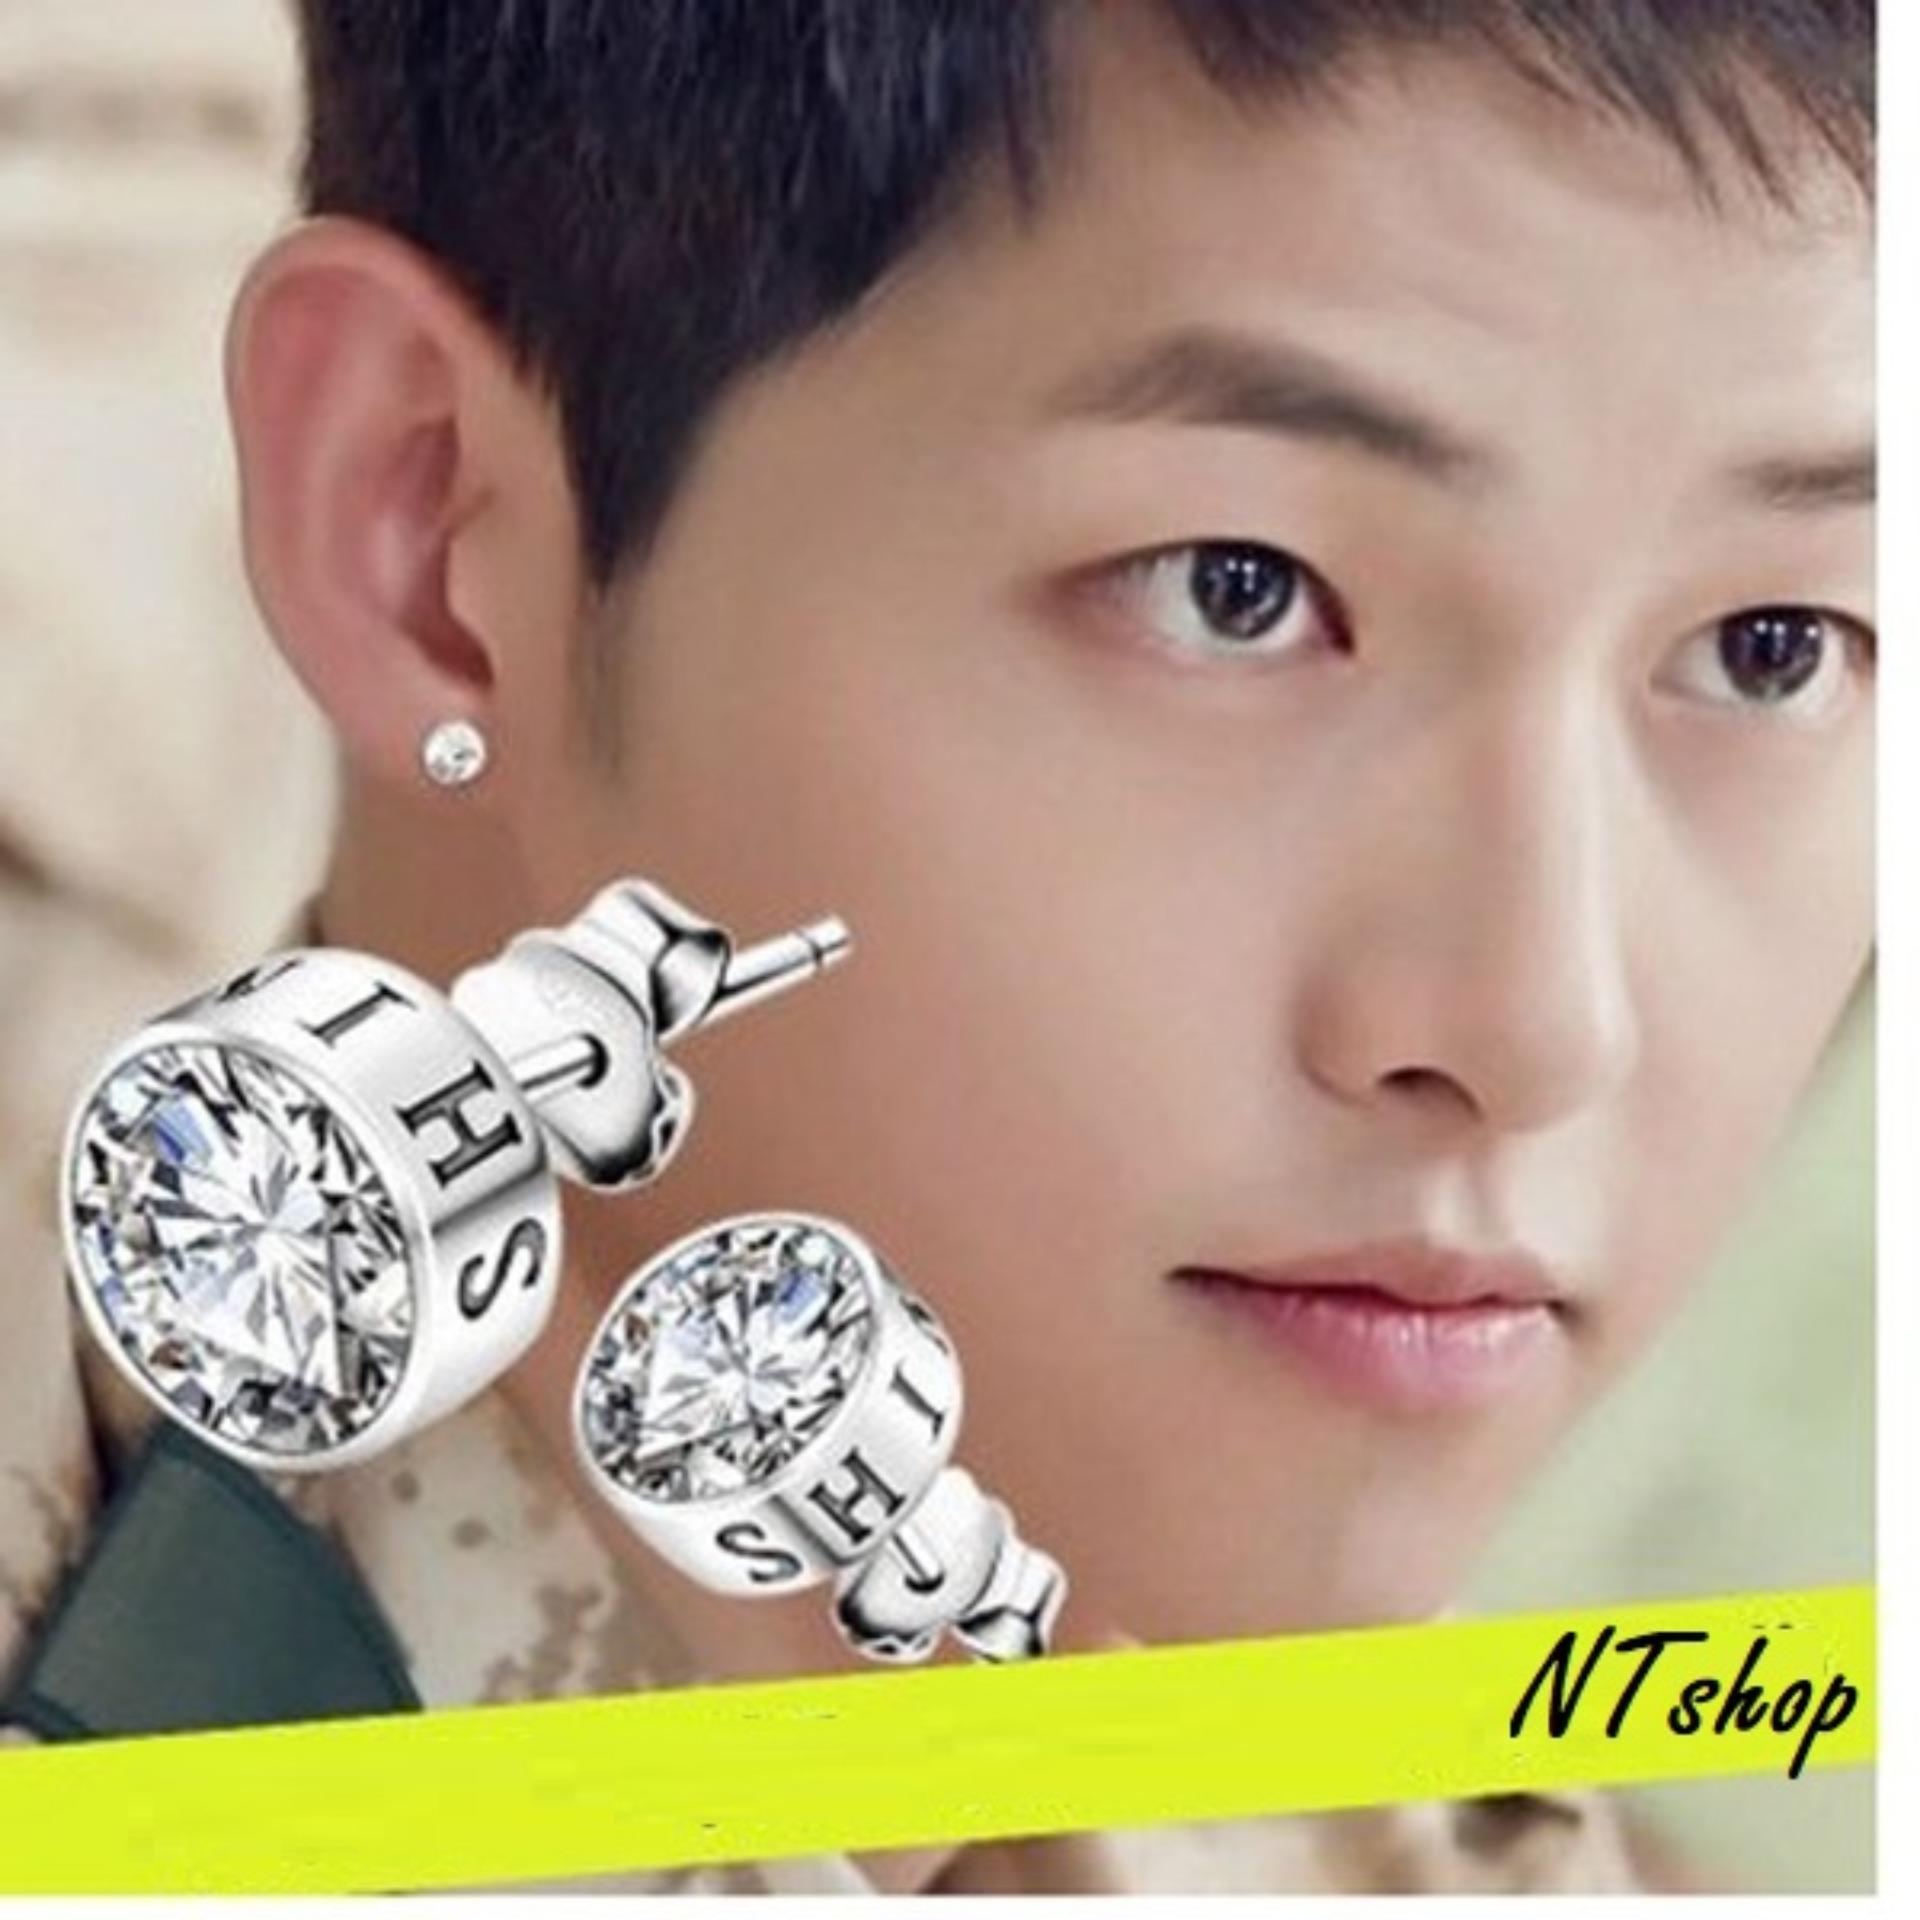 Bông Tai Titan đá Rubby sáng chói lóa cá tính phong cách Hán BTNRUBBY01